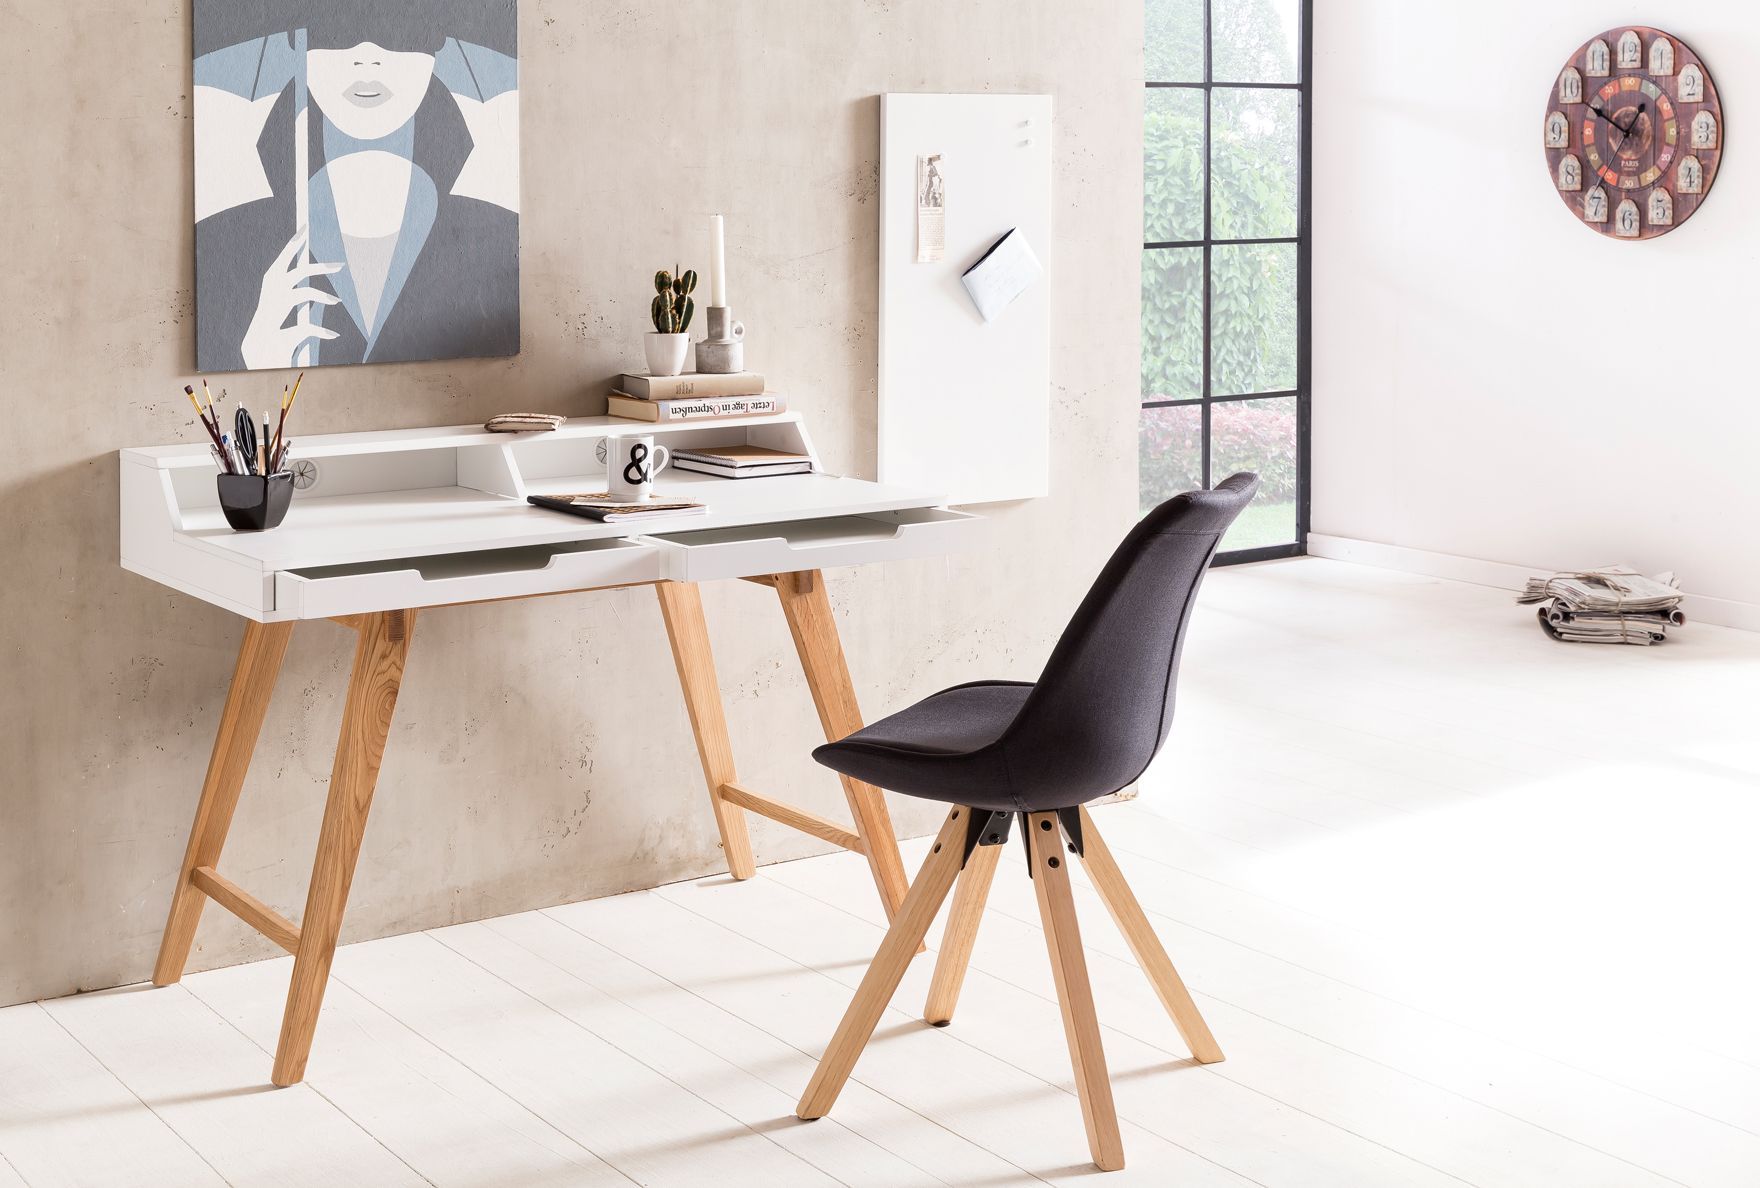 An Diesem Schreibtisch Im Skandinavischen Retro Look Arbeitet Man